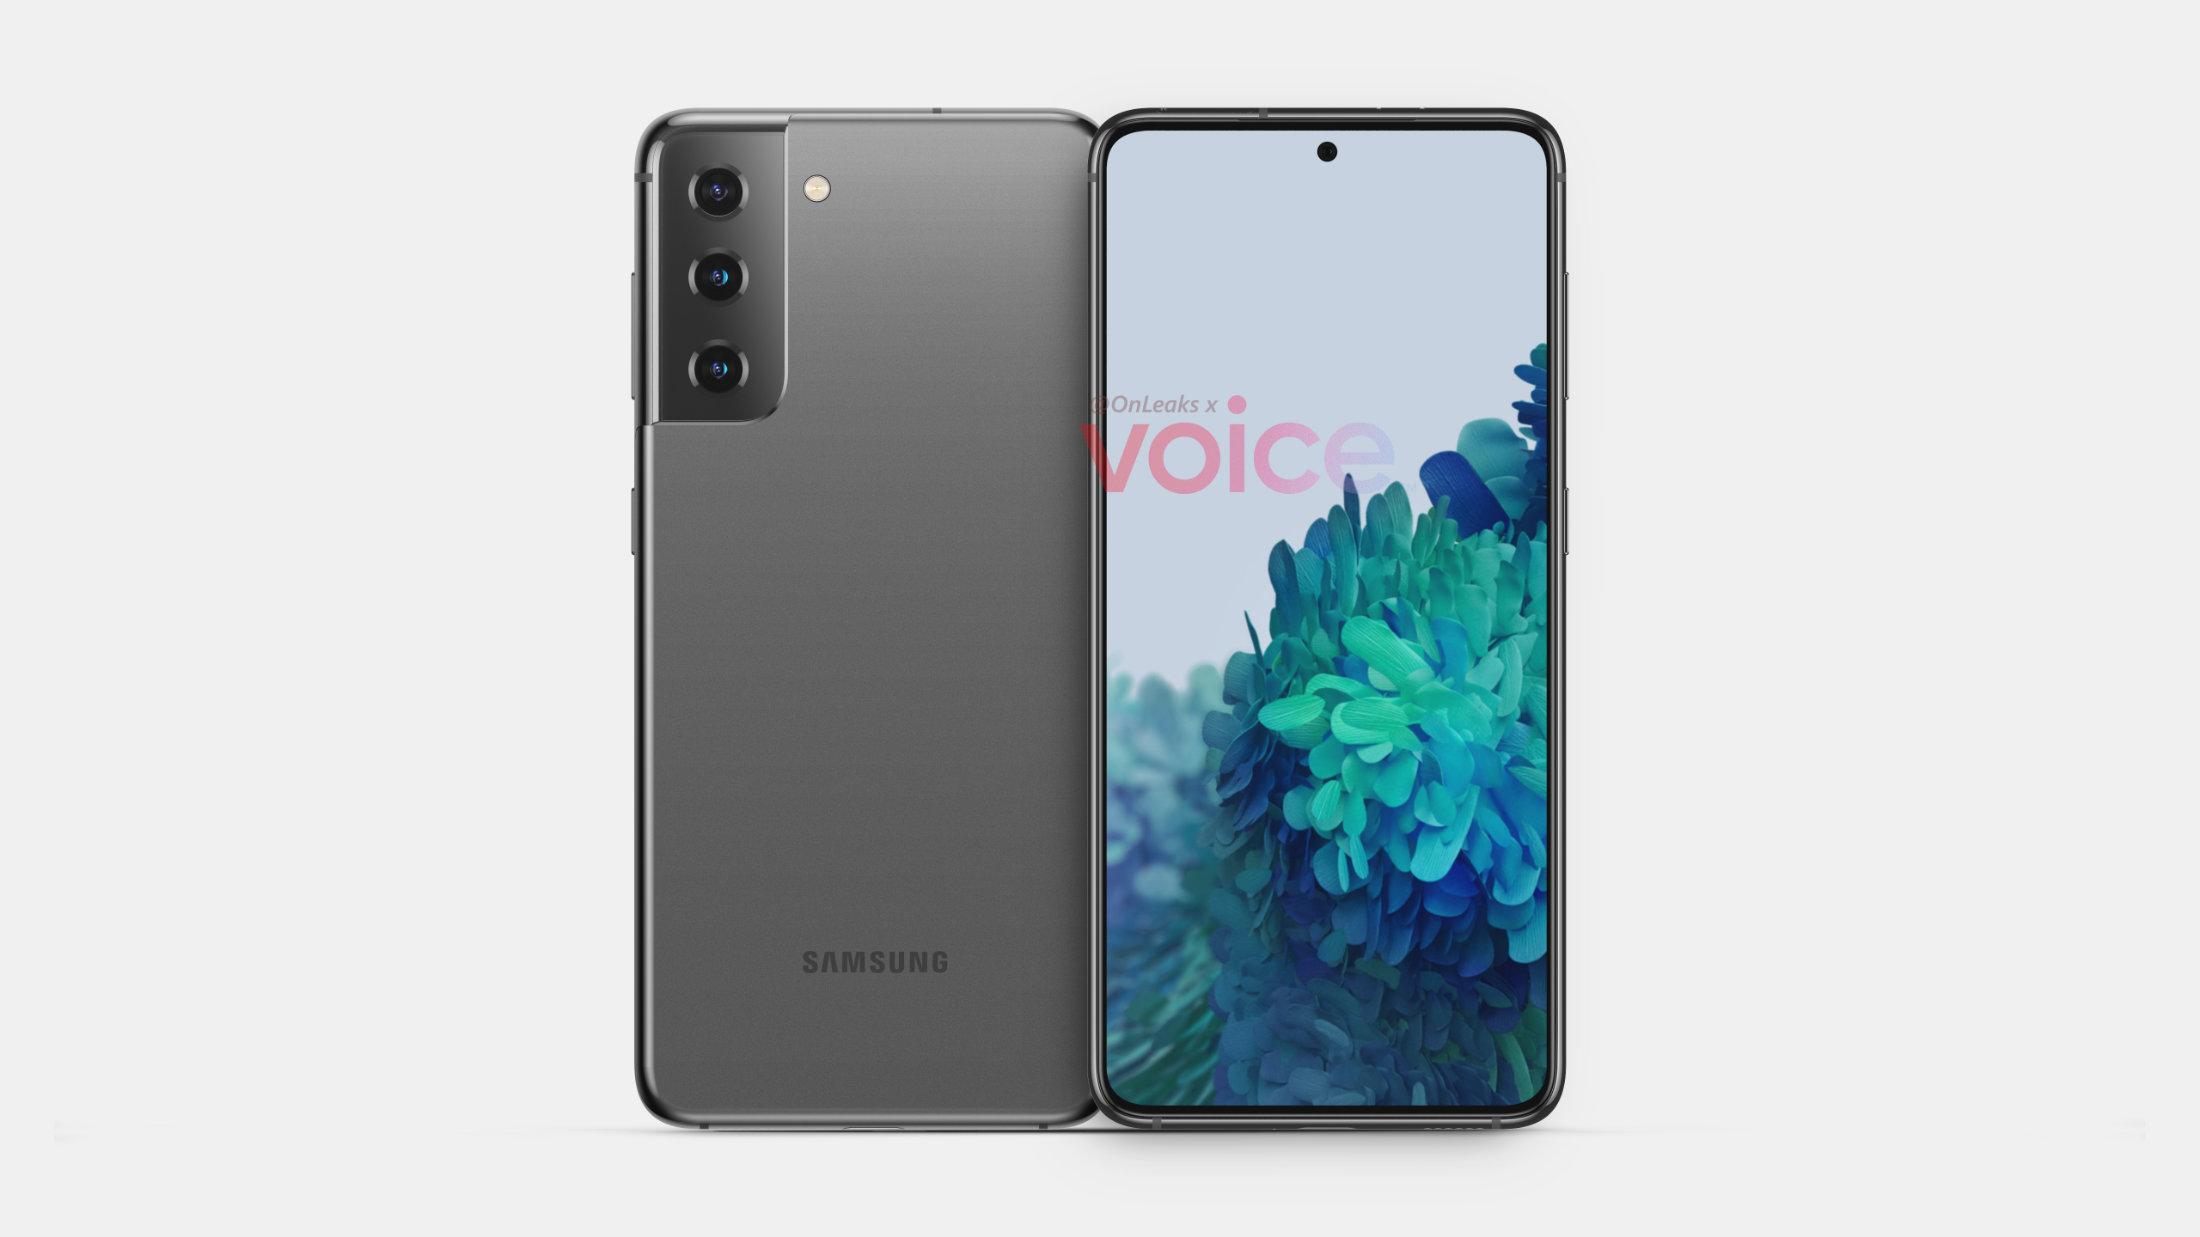 Le futur Galaxy S21 (ou S30) se montre